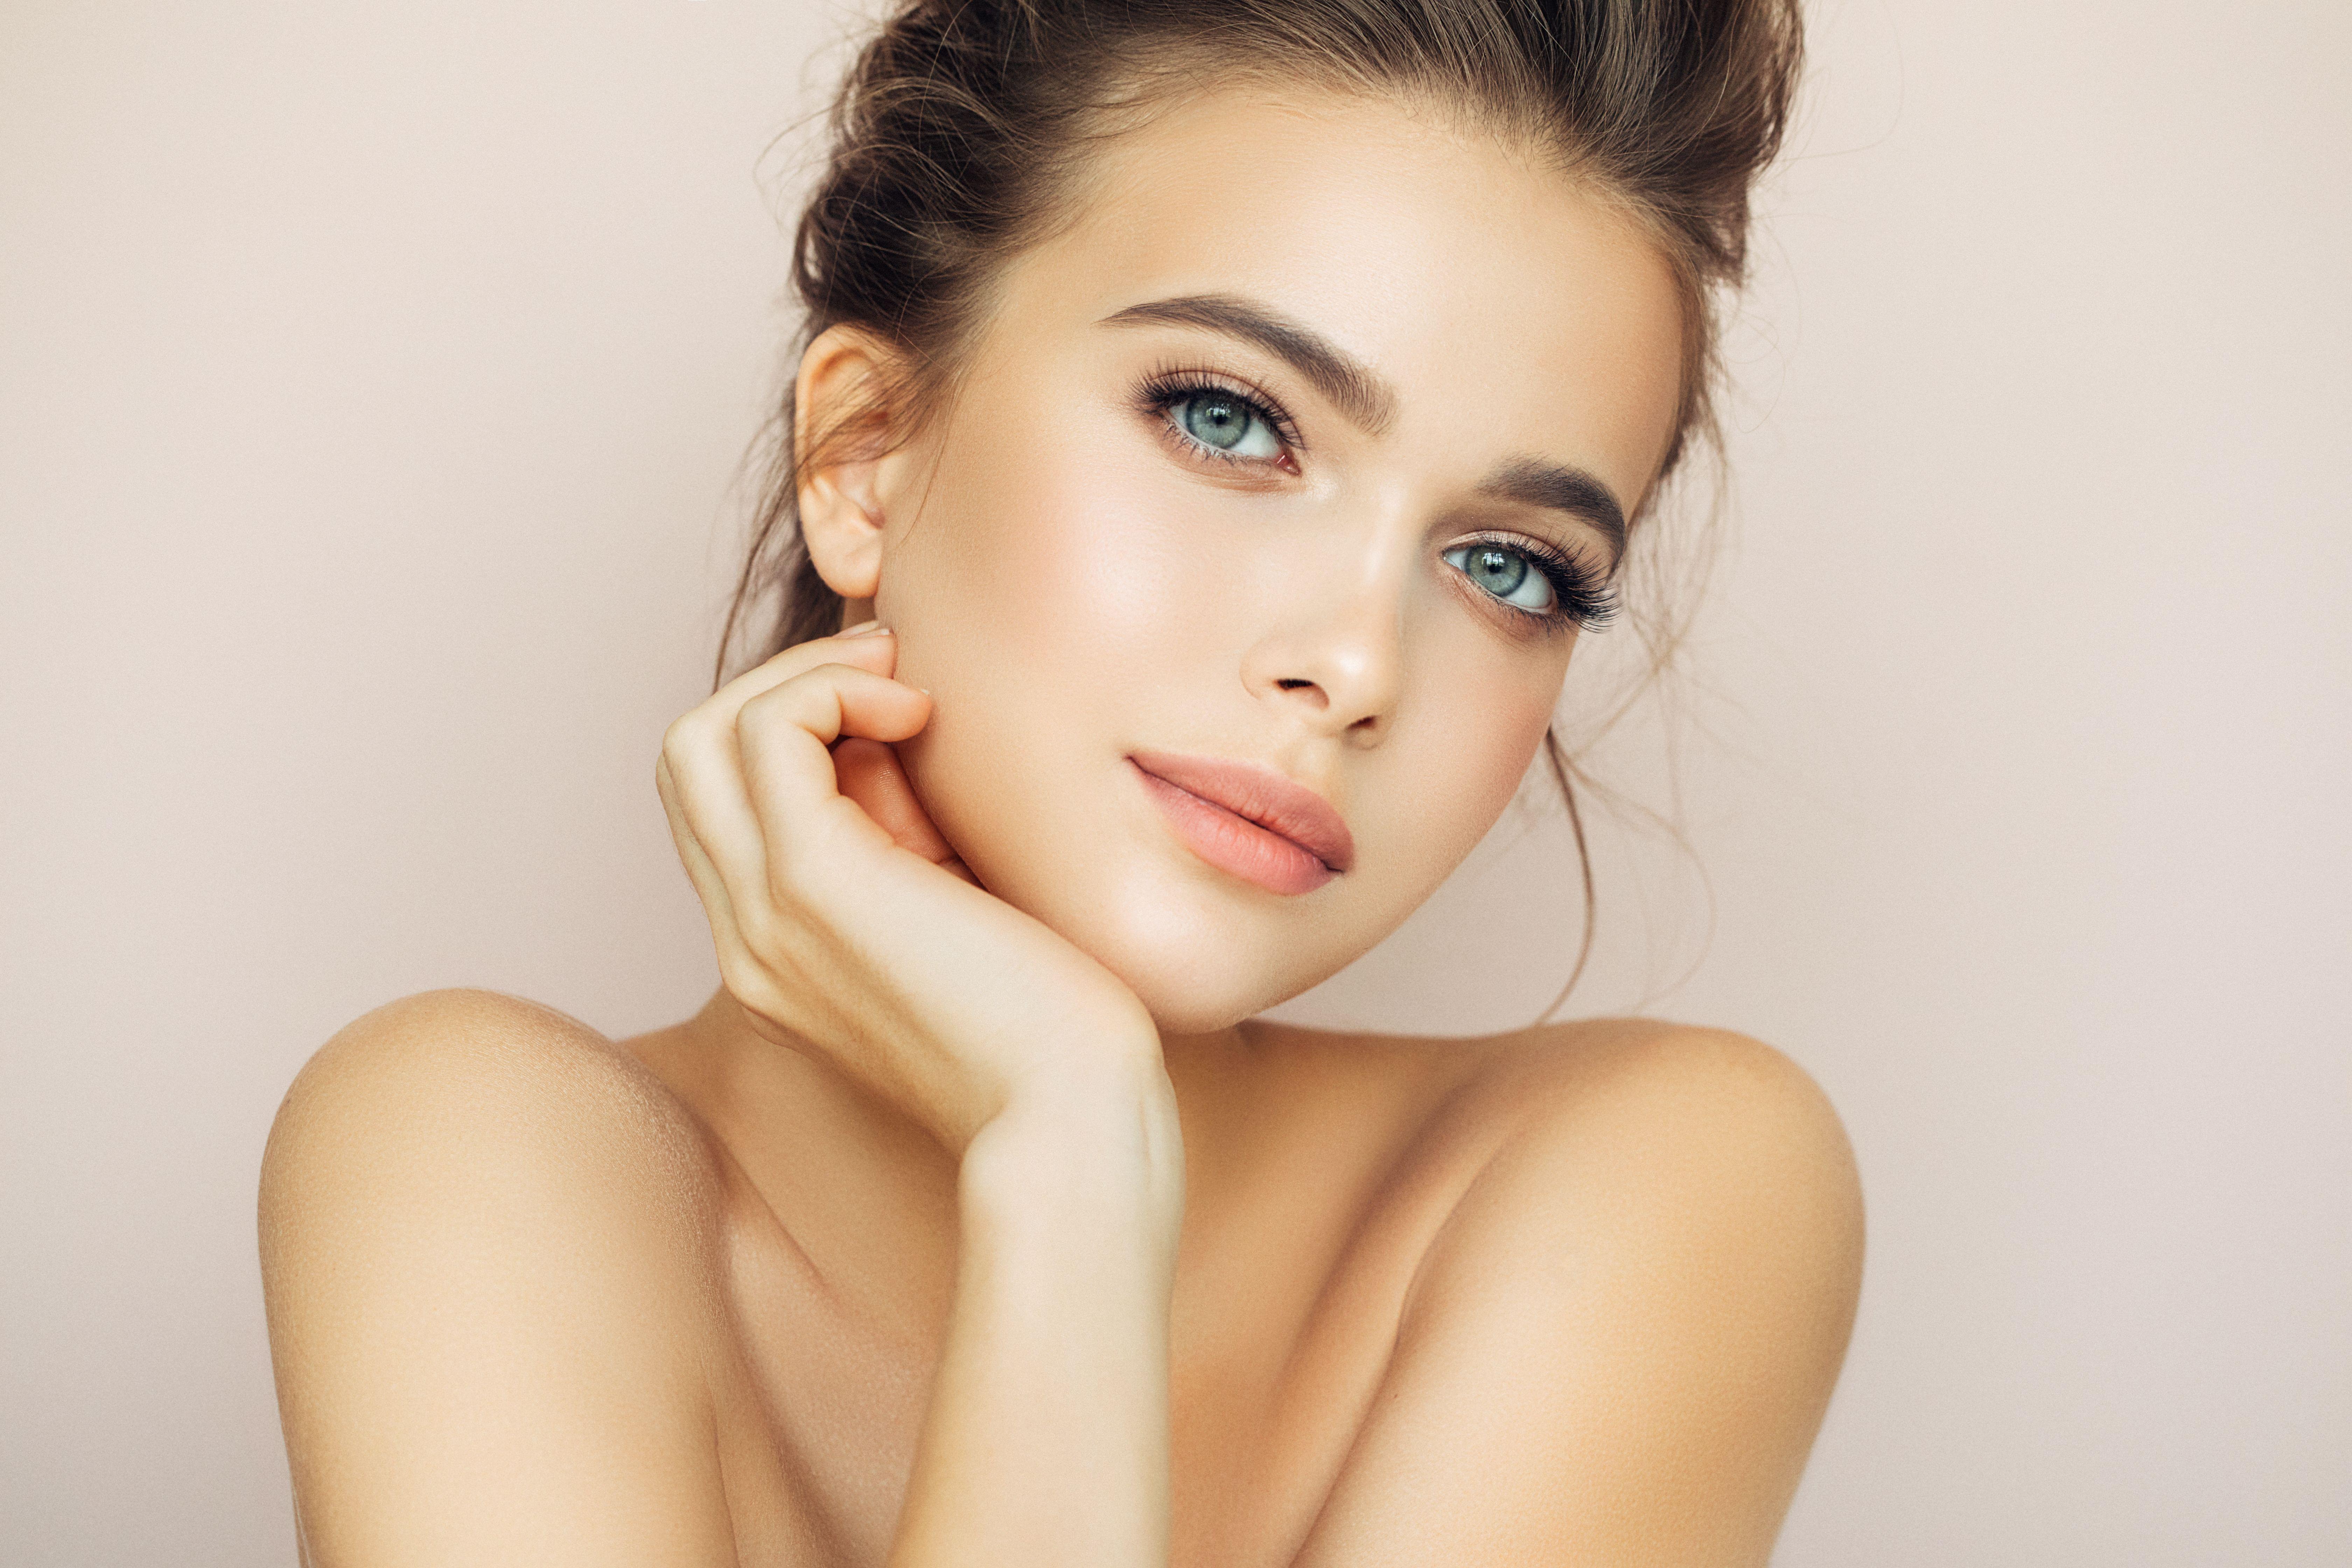 Línea biológica para pieles sensibles: Tratamientos de Vida con Estética